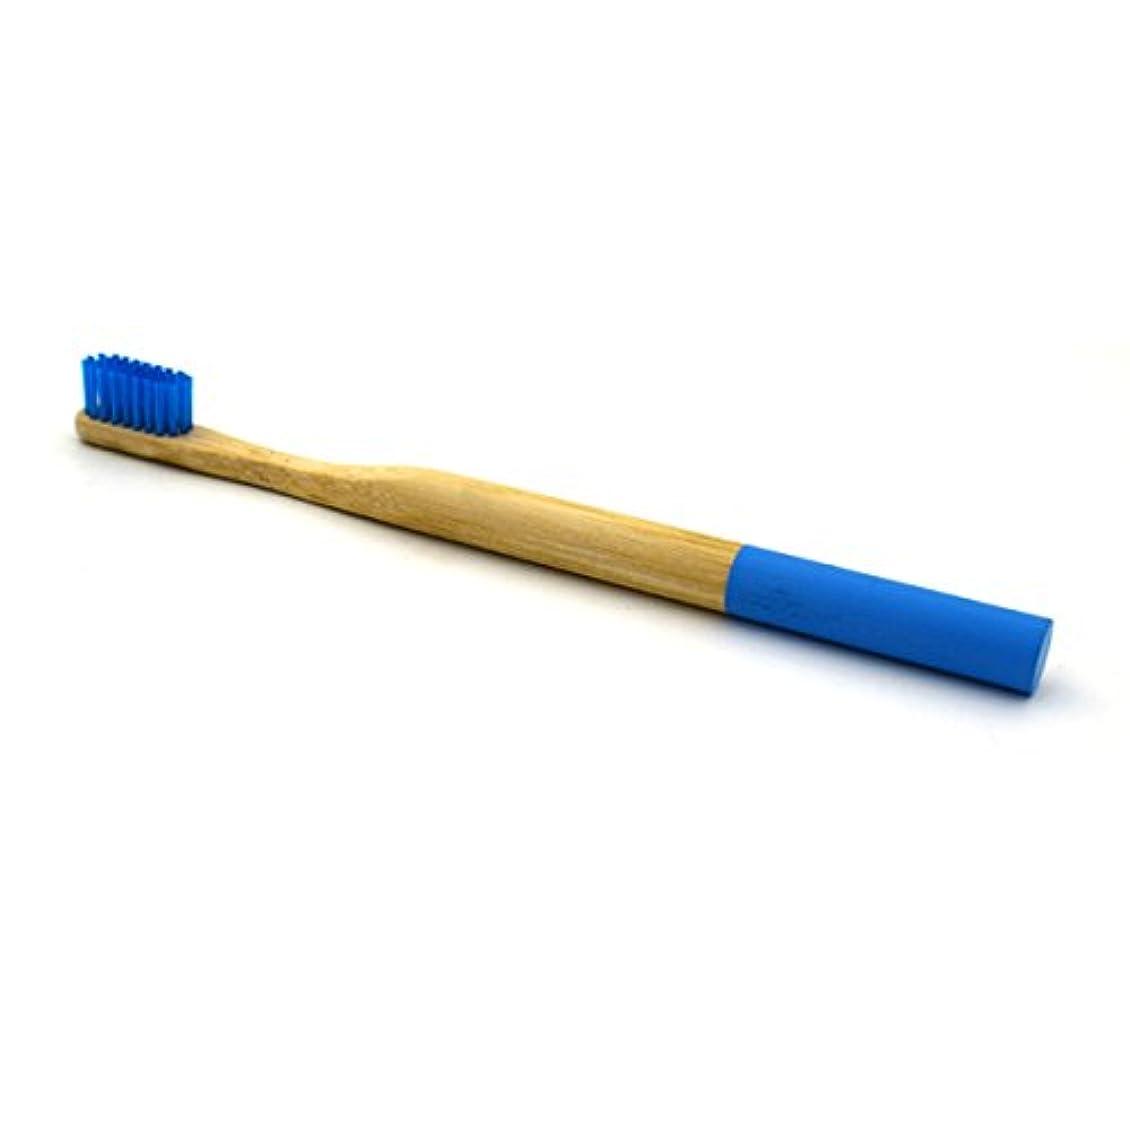 宿題をする伝染病インスタンスHEALLILY竹製の歯ブラシ天然木炭竹製の歯ブラシ大人用柔らかい剛毛の歯ブラシ(ブルー)